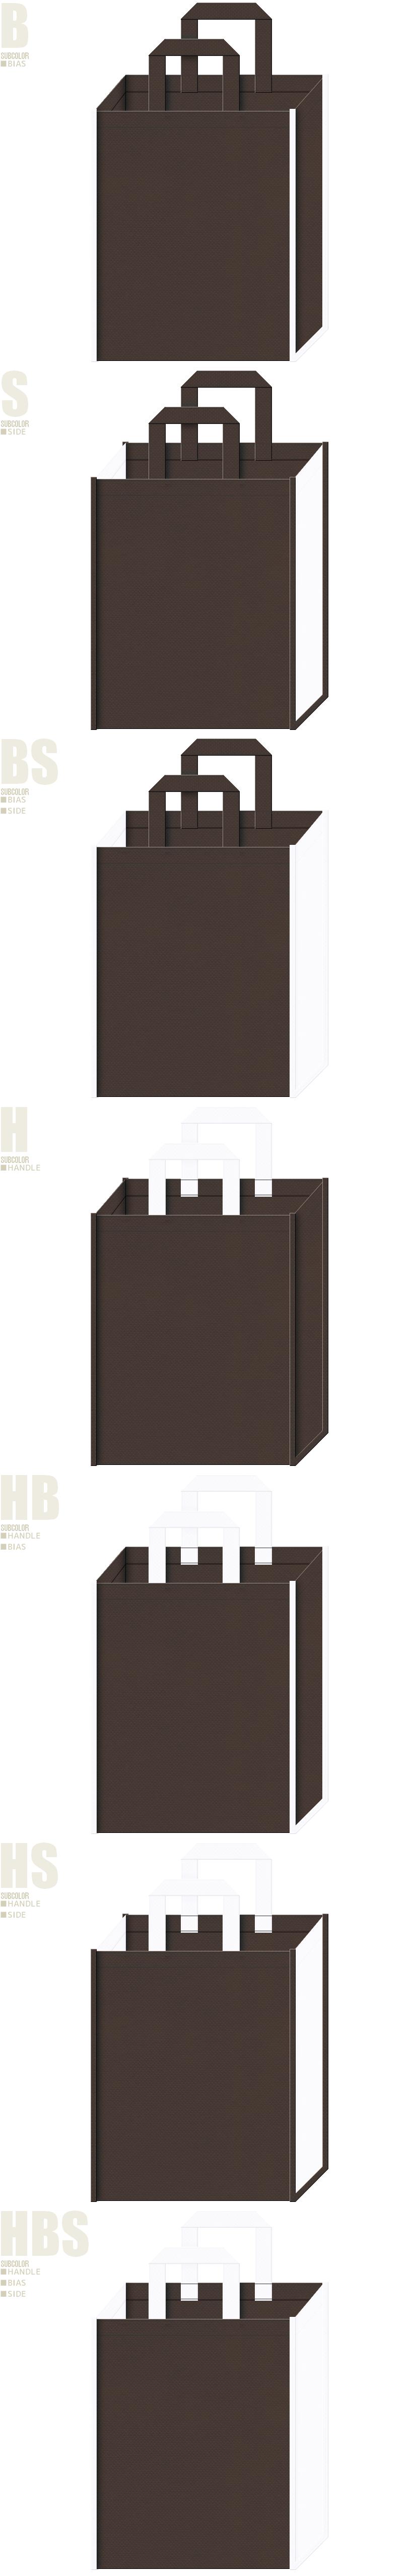 武家屋敷・お城・ゲームにお奨めの不織布バッグデザイン:こげ茶色と白色の不織布バッグ配色7パターン。